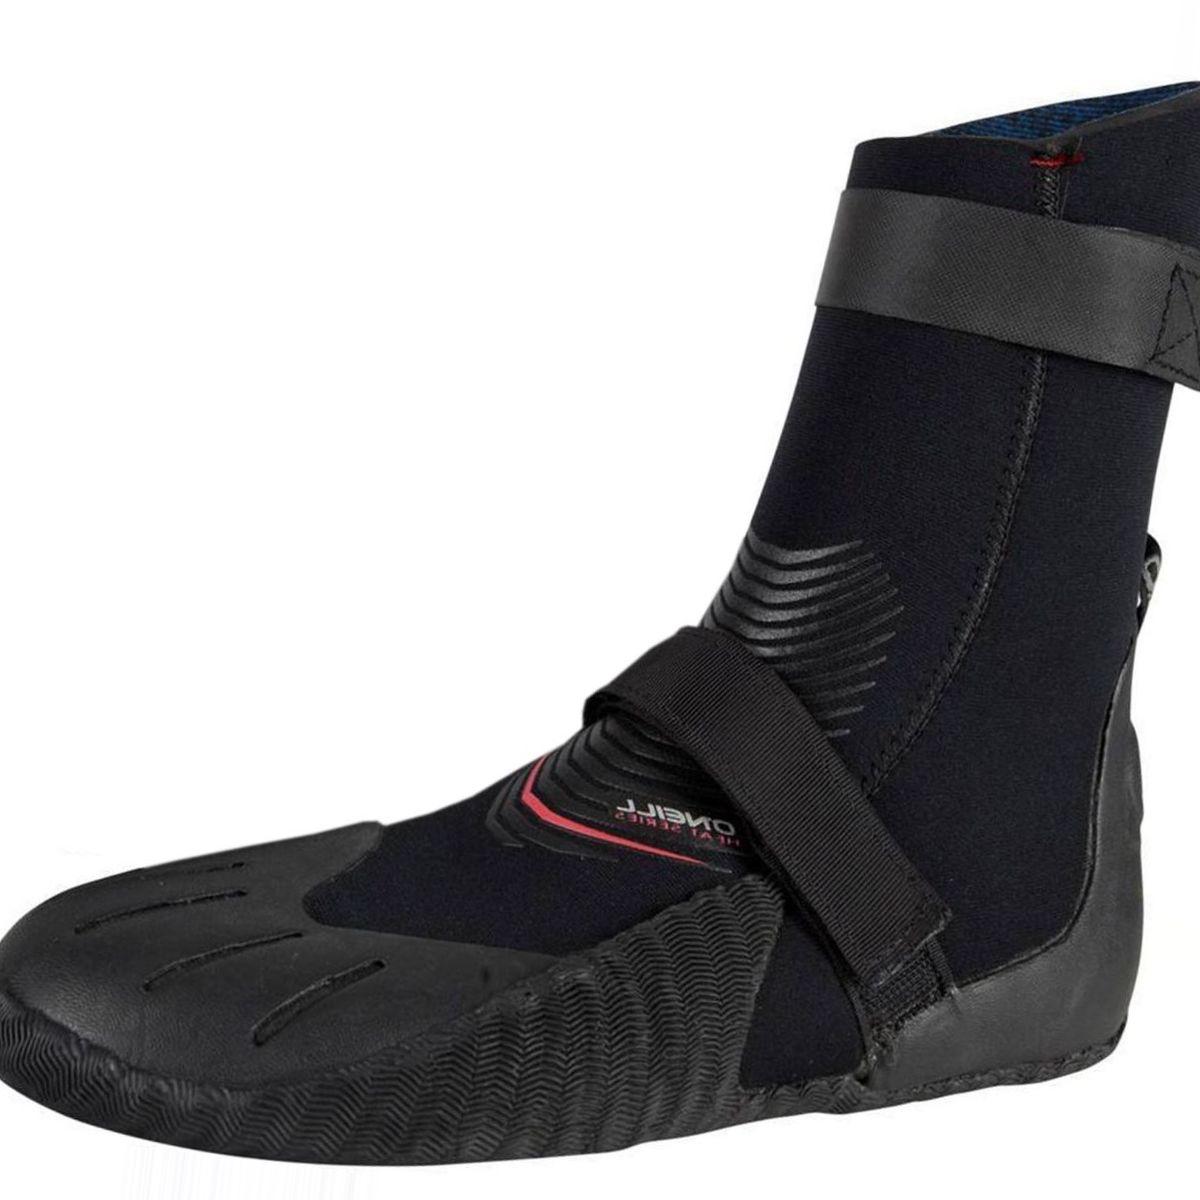 O'Neill Heat RT 5mm Boot - Men's